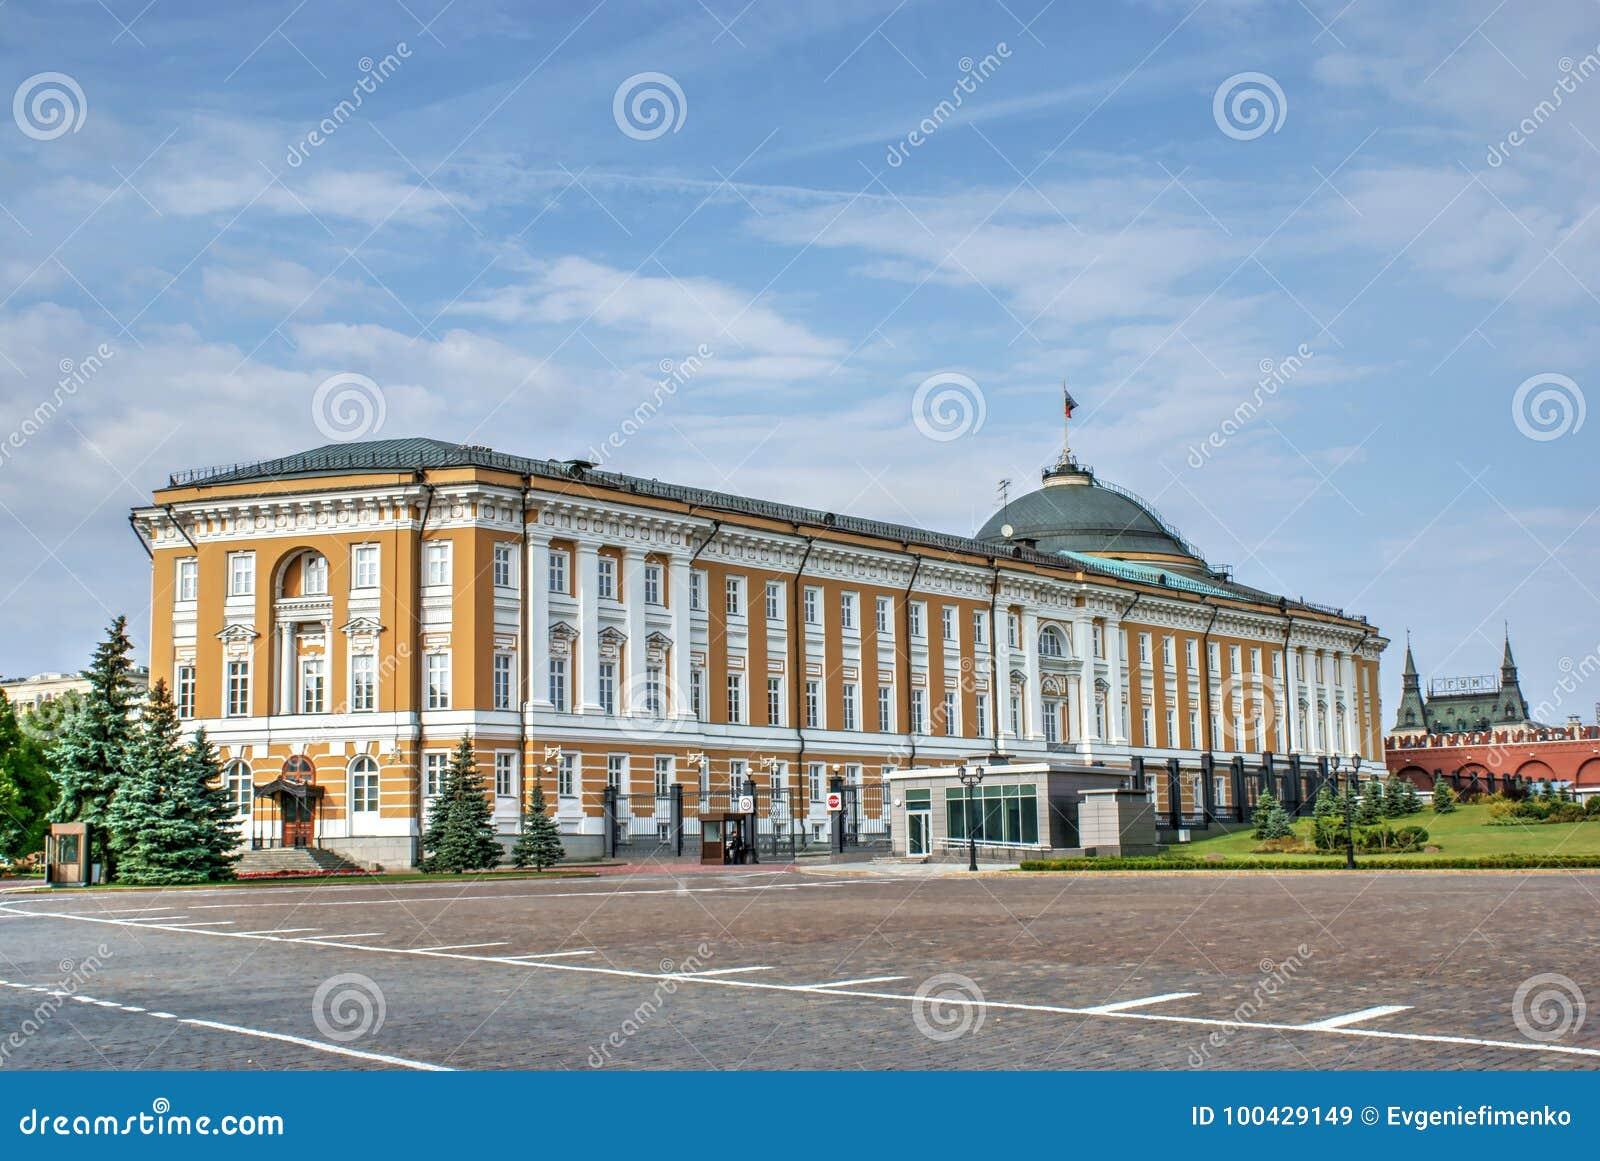 De Senaat van het Kremlin